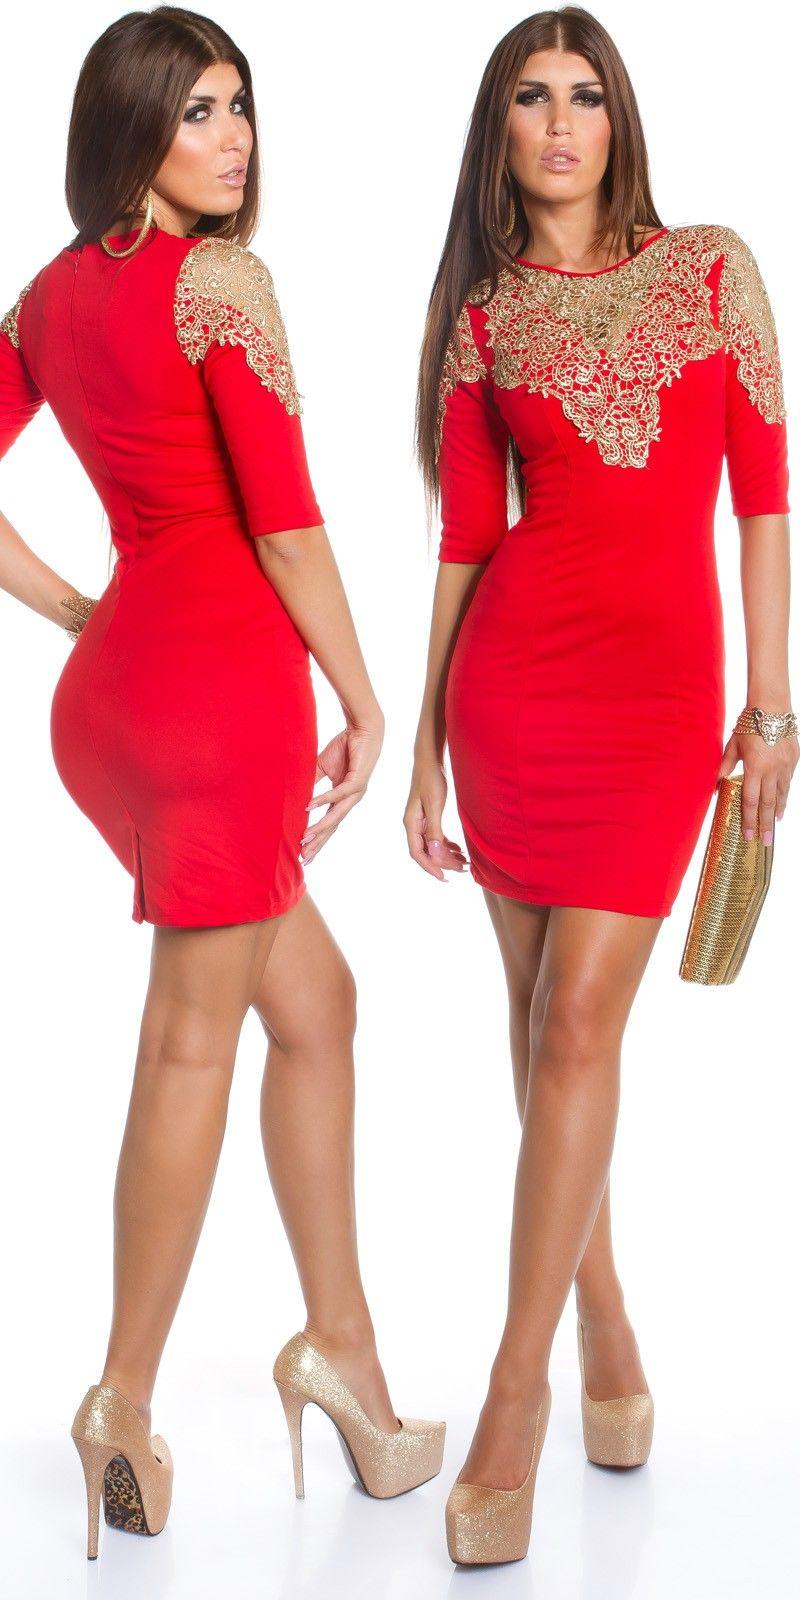 Golden Lace Detail Mini Dress by Koucla   Ladies Formal Short Dresses Online  